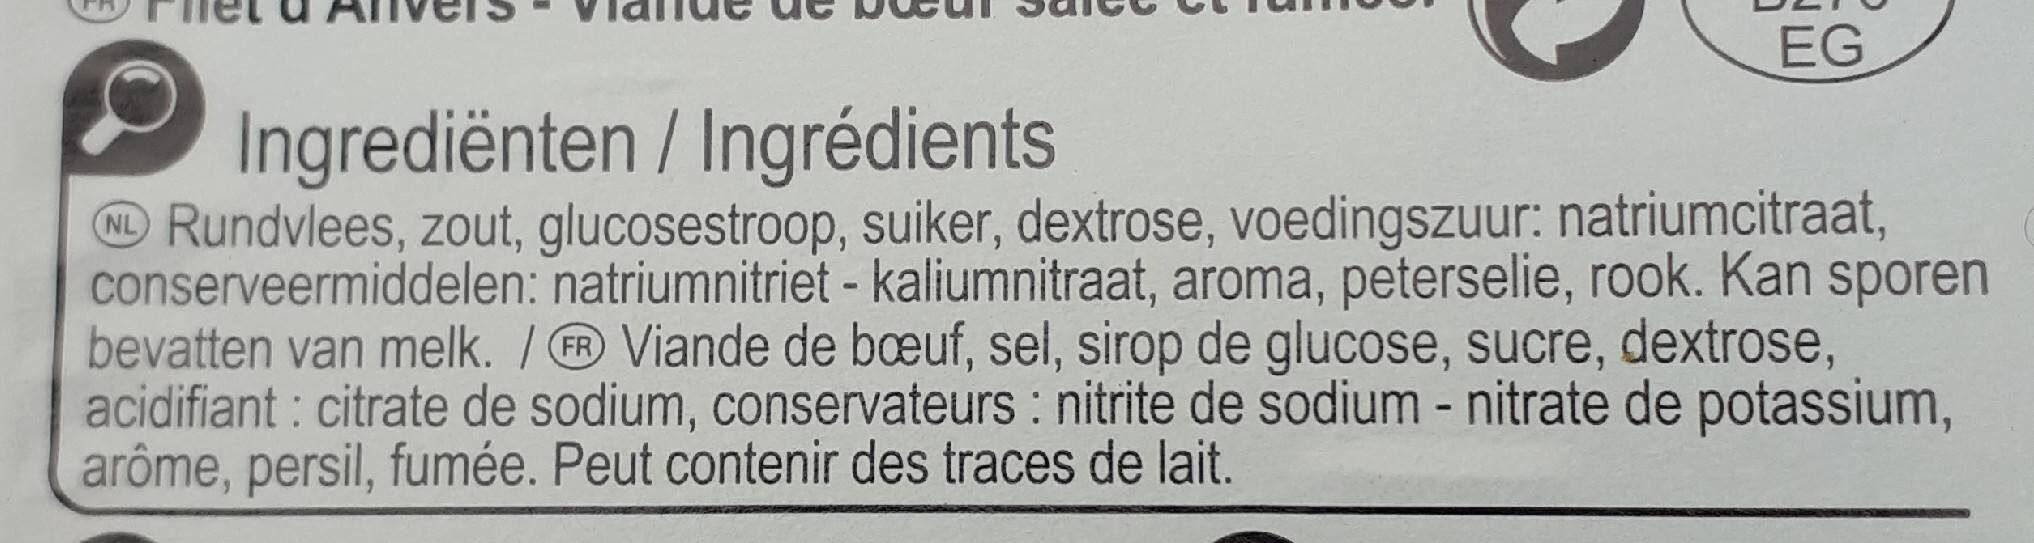 Filet d'Anvers - Ingrediënten